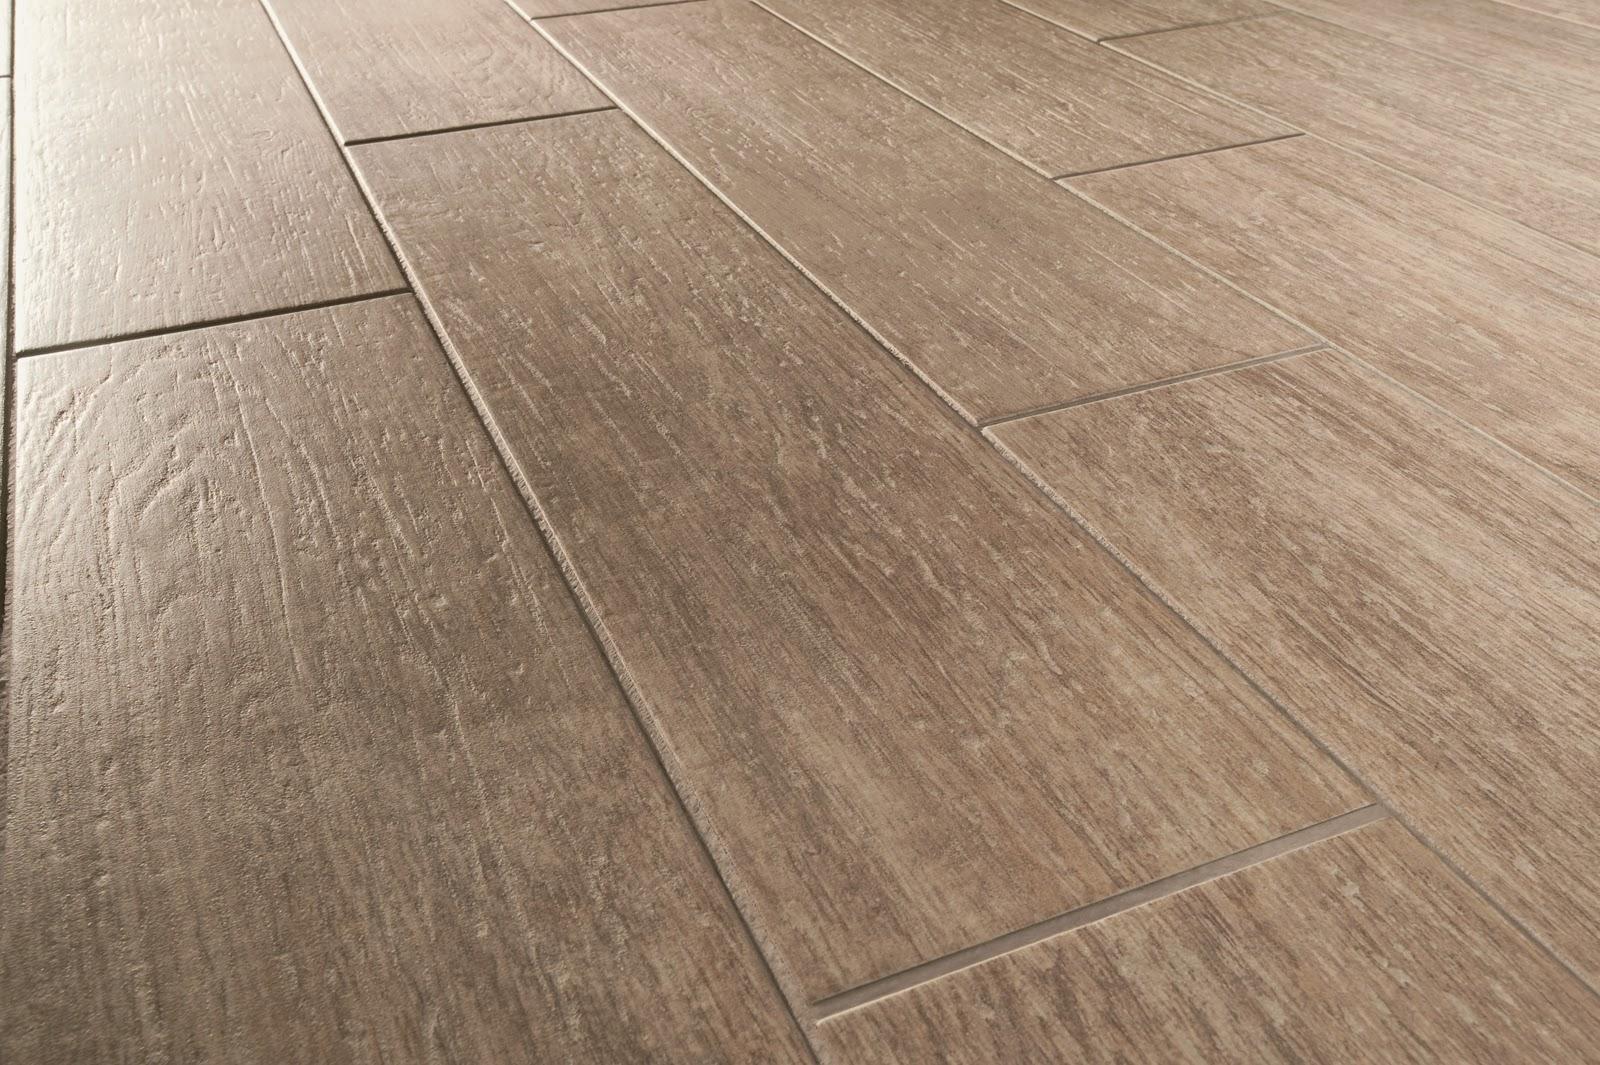 pavimenti in resina effetto parquet: 100 idee di cucine moderne ... - Piastrelle Effetto Legno Senza Fughe